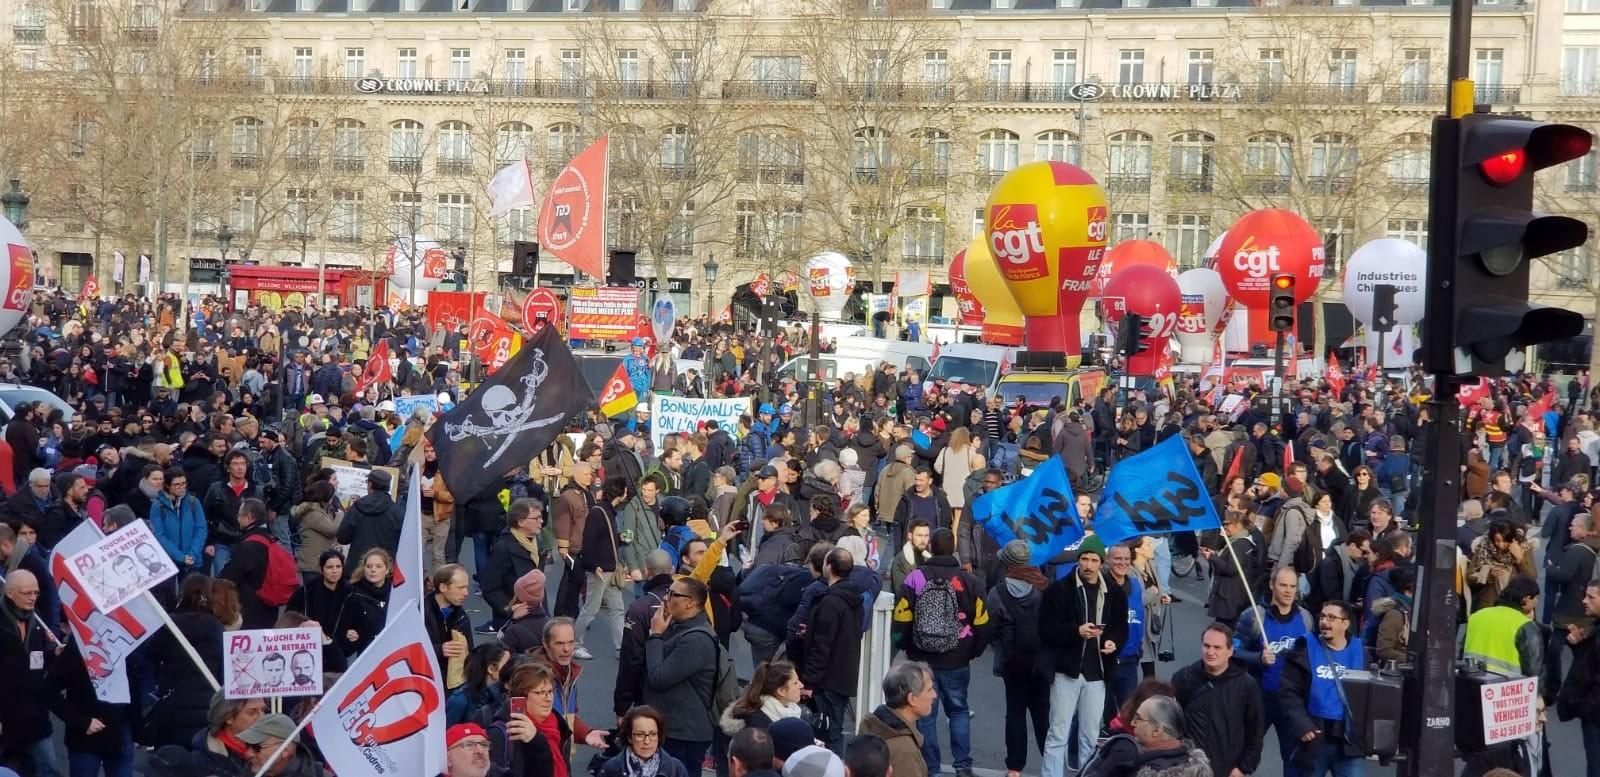 Çok sayıda kişi ellerinde dövizlerle emeklilik reformunu protesto ediyor. Alandaki balon ve bayraklar renkli görüntüler oluşturuyor.